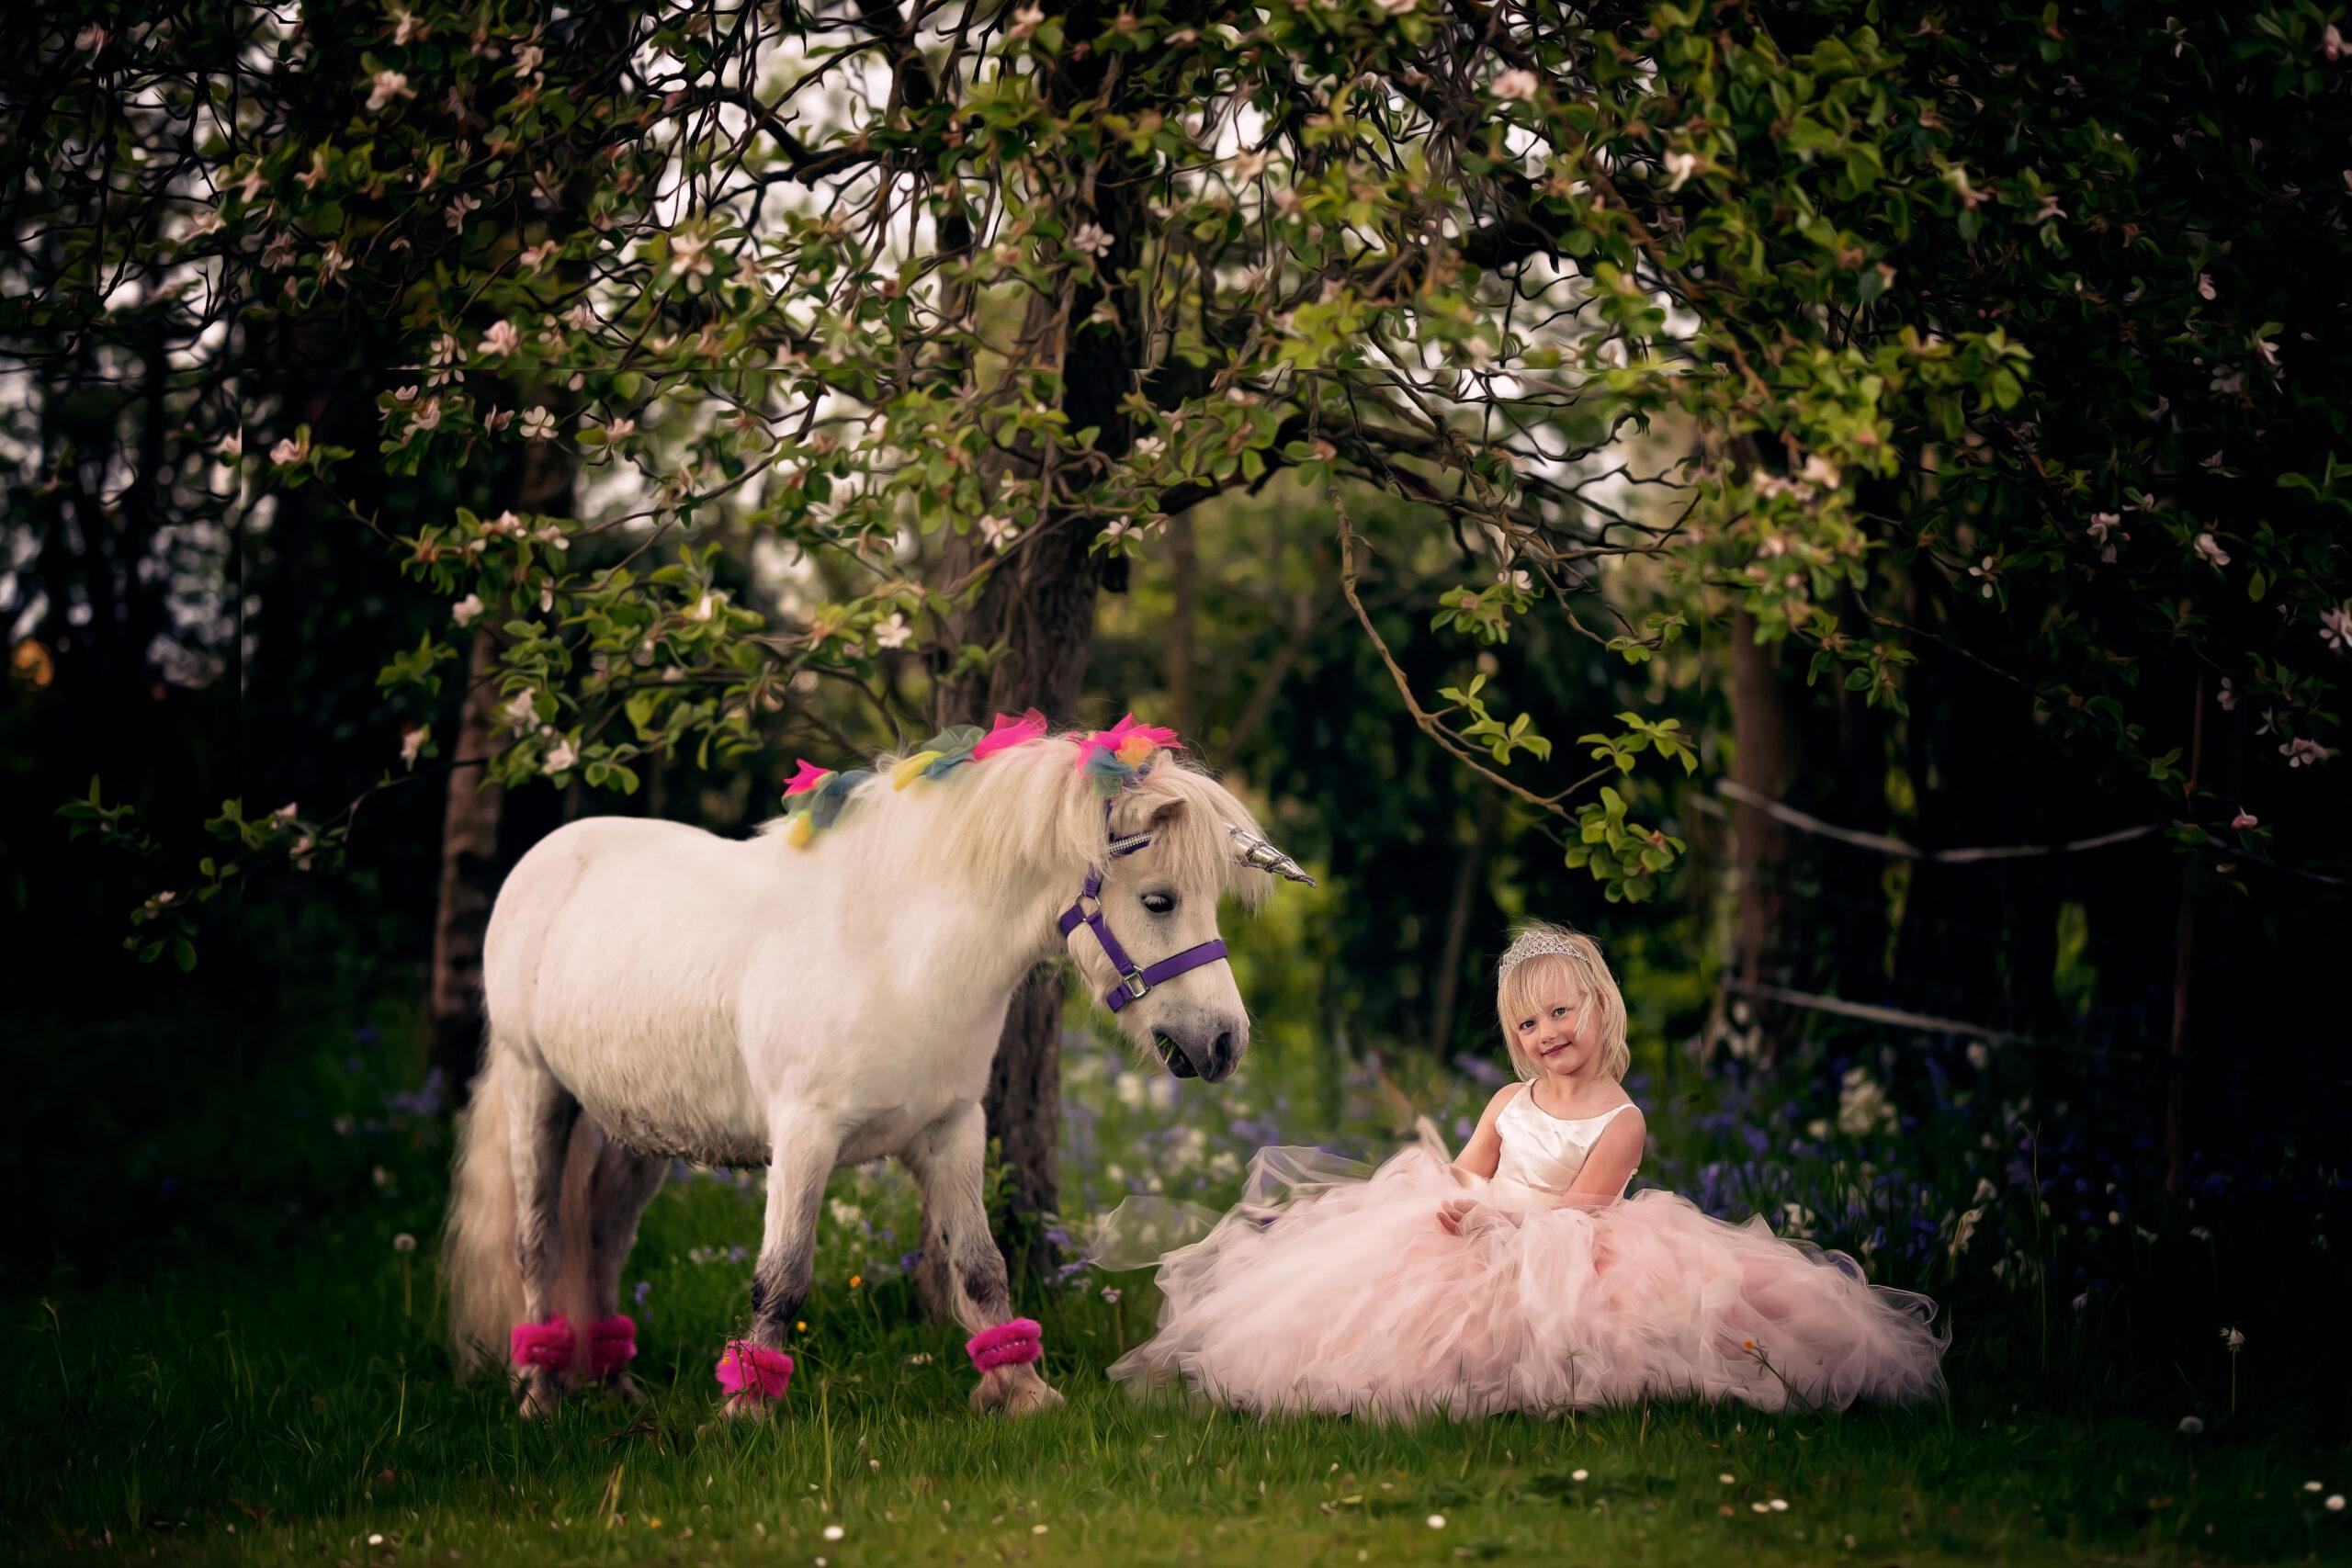 Unicorn photo shoot cheshire